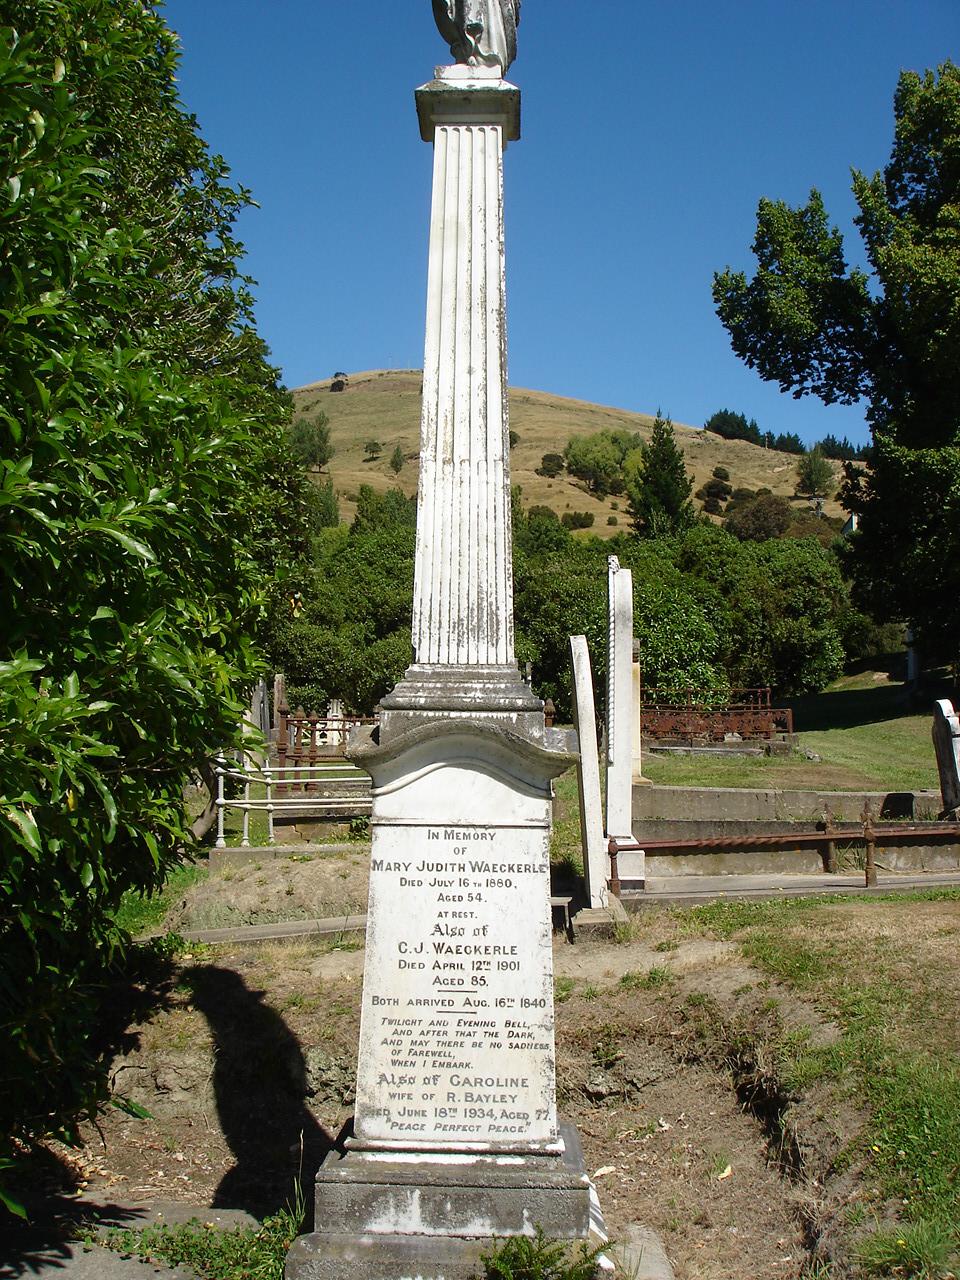 Marie Eteveneaux's headstone. Photo: Supplied